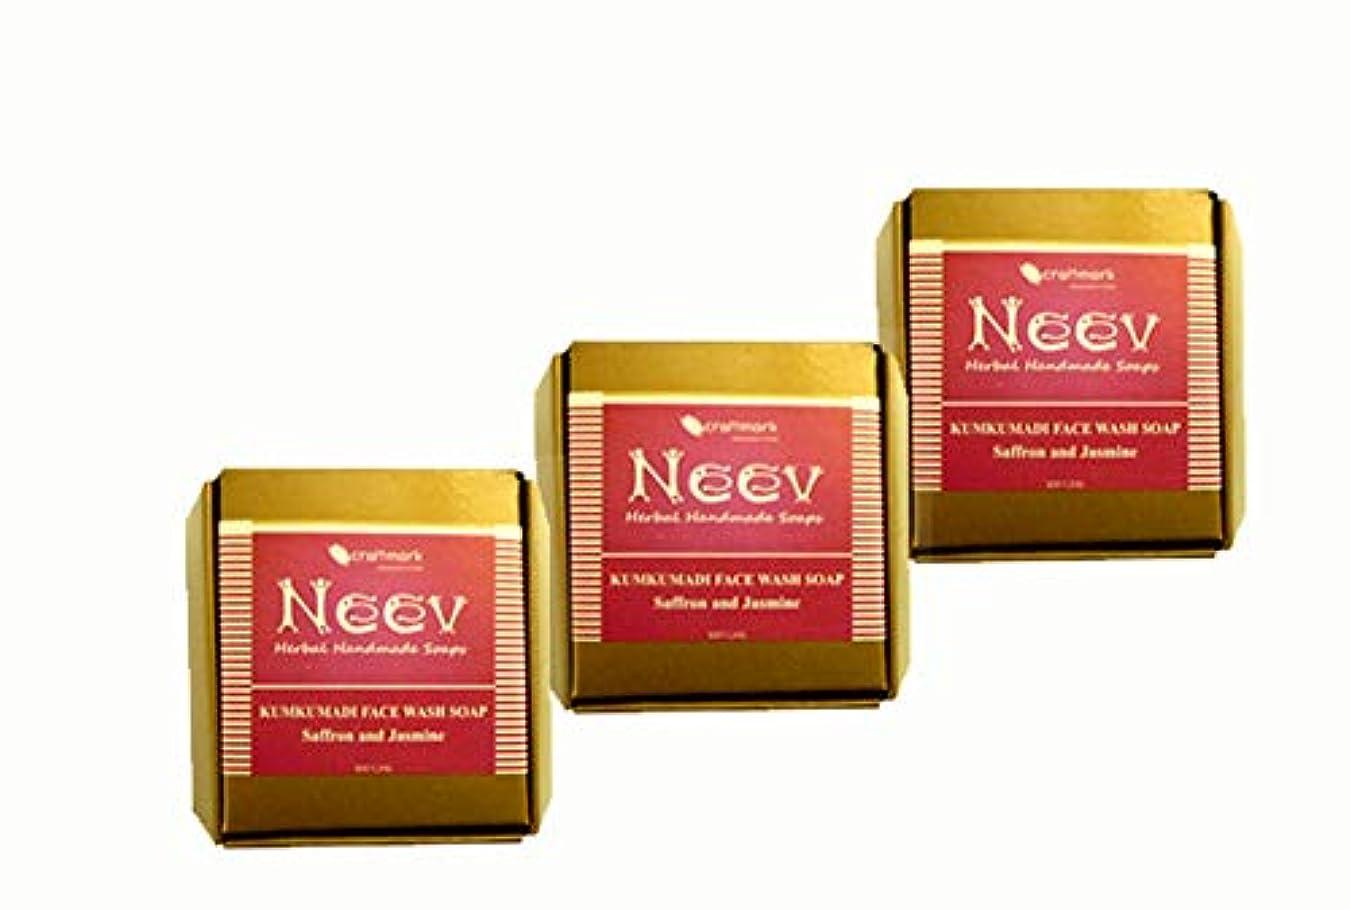 ポンペイビザ家具手作り ニーブ クンクマディ フェイス ウォシュ ソープ 3セット AYURVEDA NEEV Herbal KUMKUMADI FACE WASH SOAP Saffron AND Jasmin